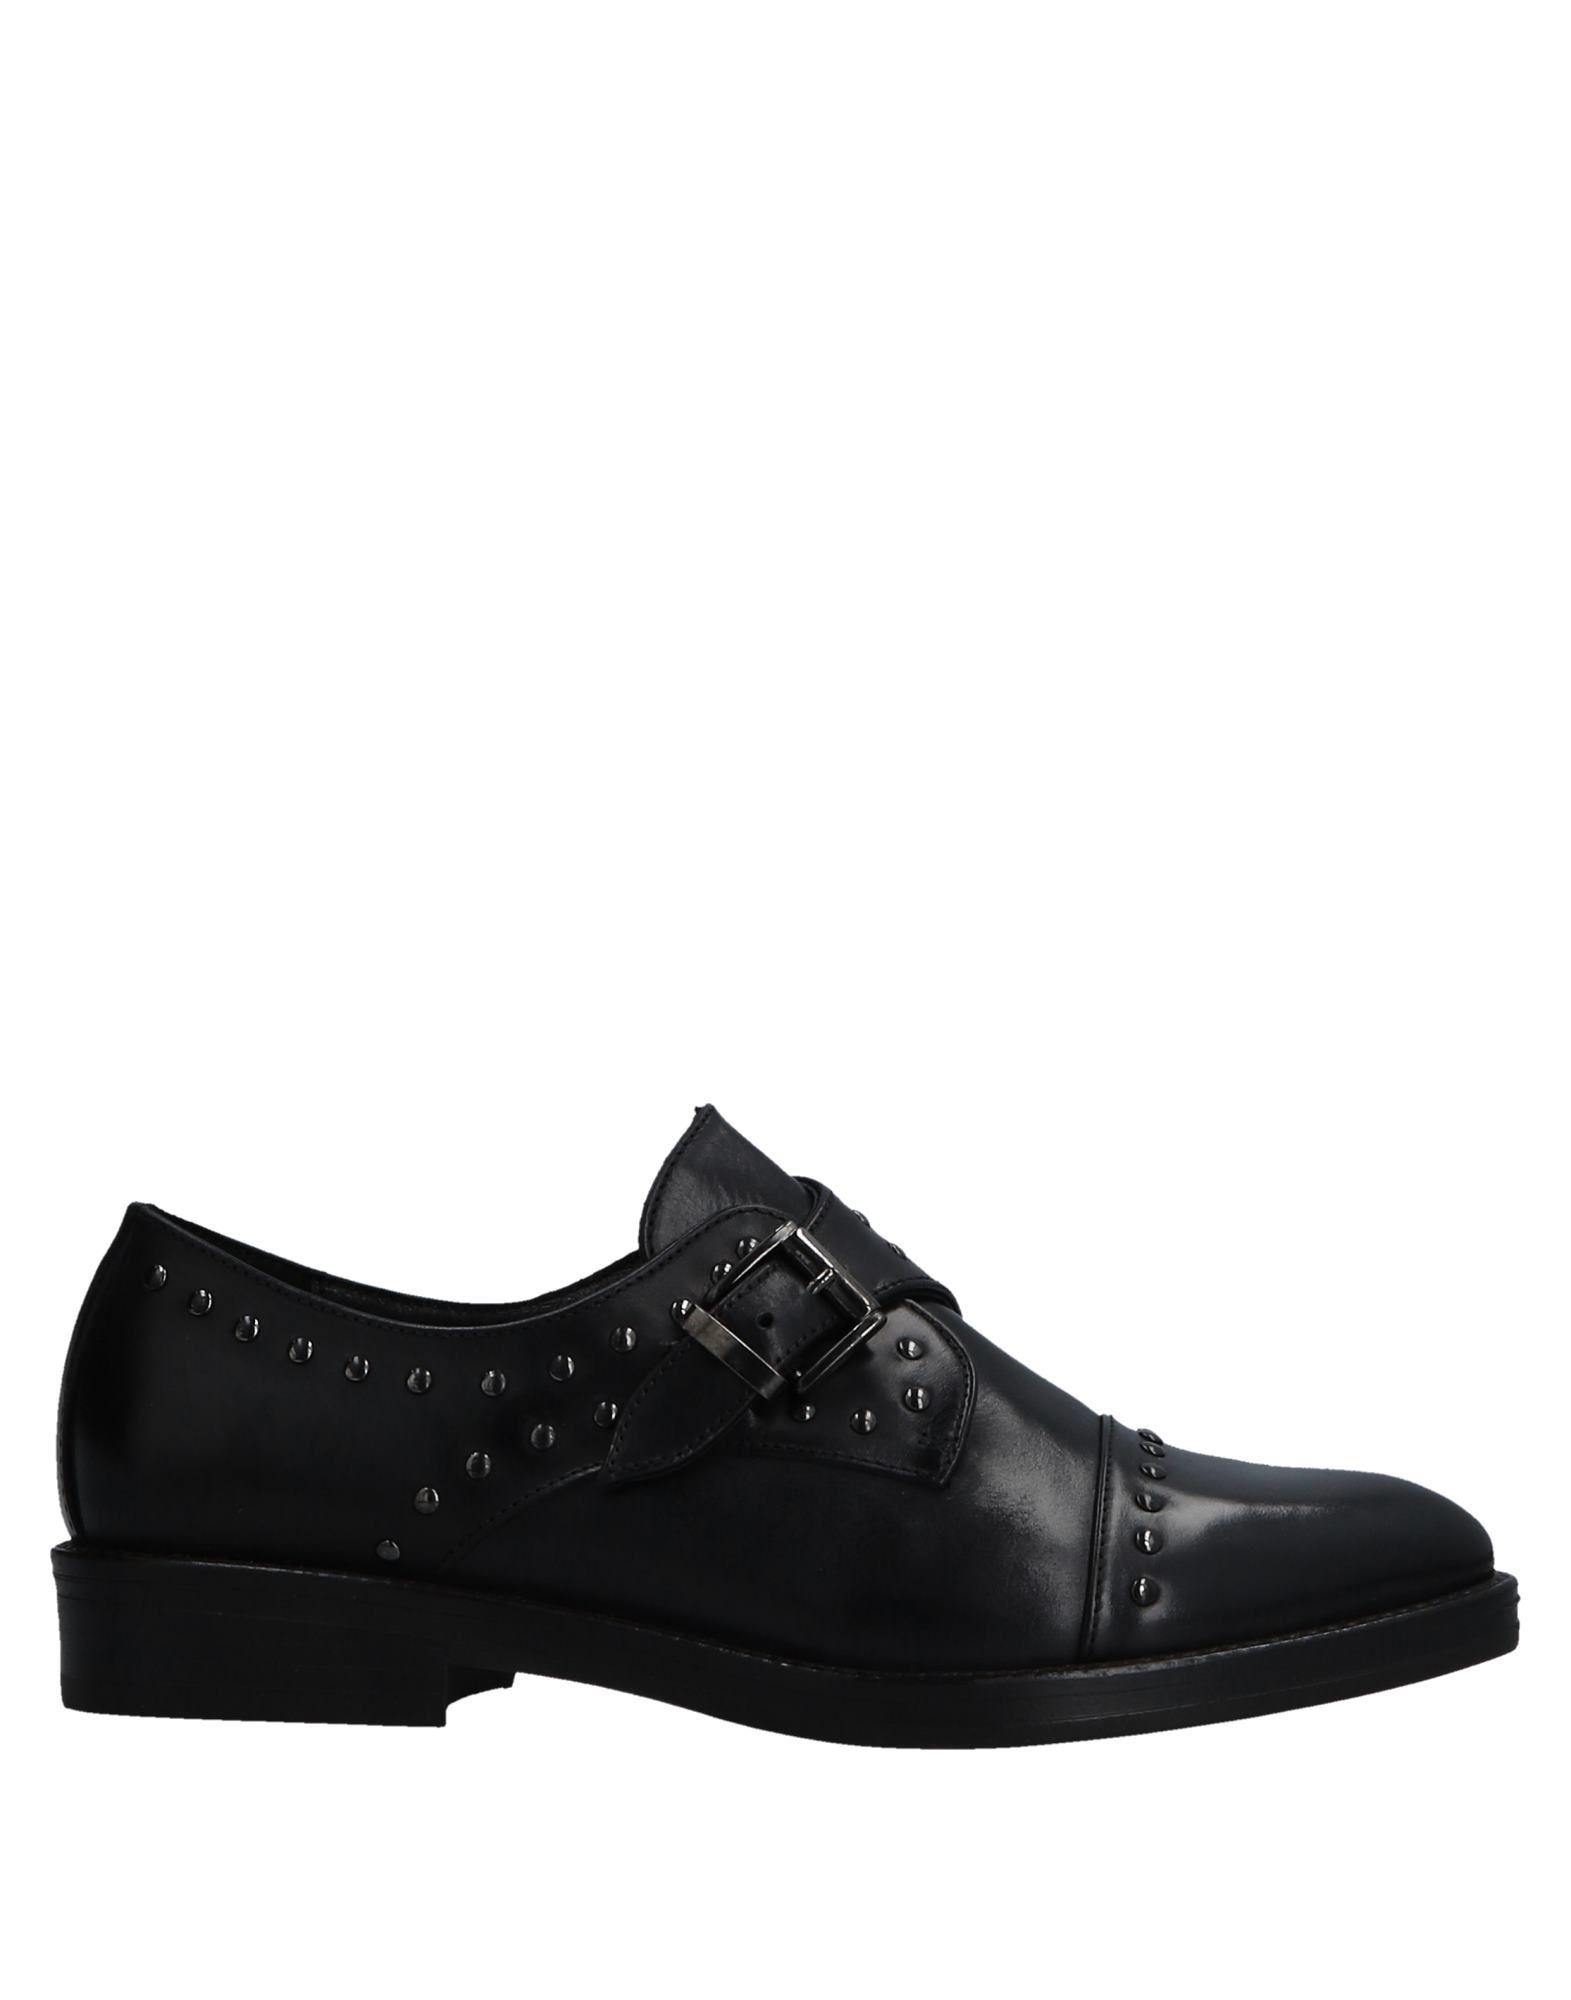 Donna 11527172LJ Più Mokassins Damen  11527172LJ Donna Gute Qualität beliebte Schuhe 1f1b82